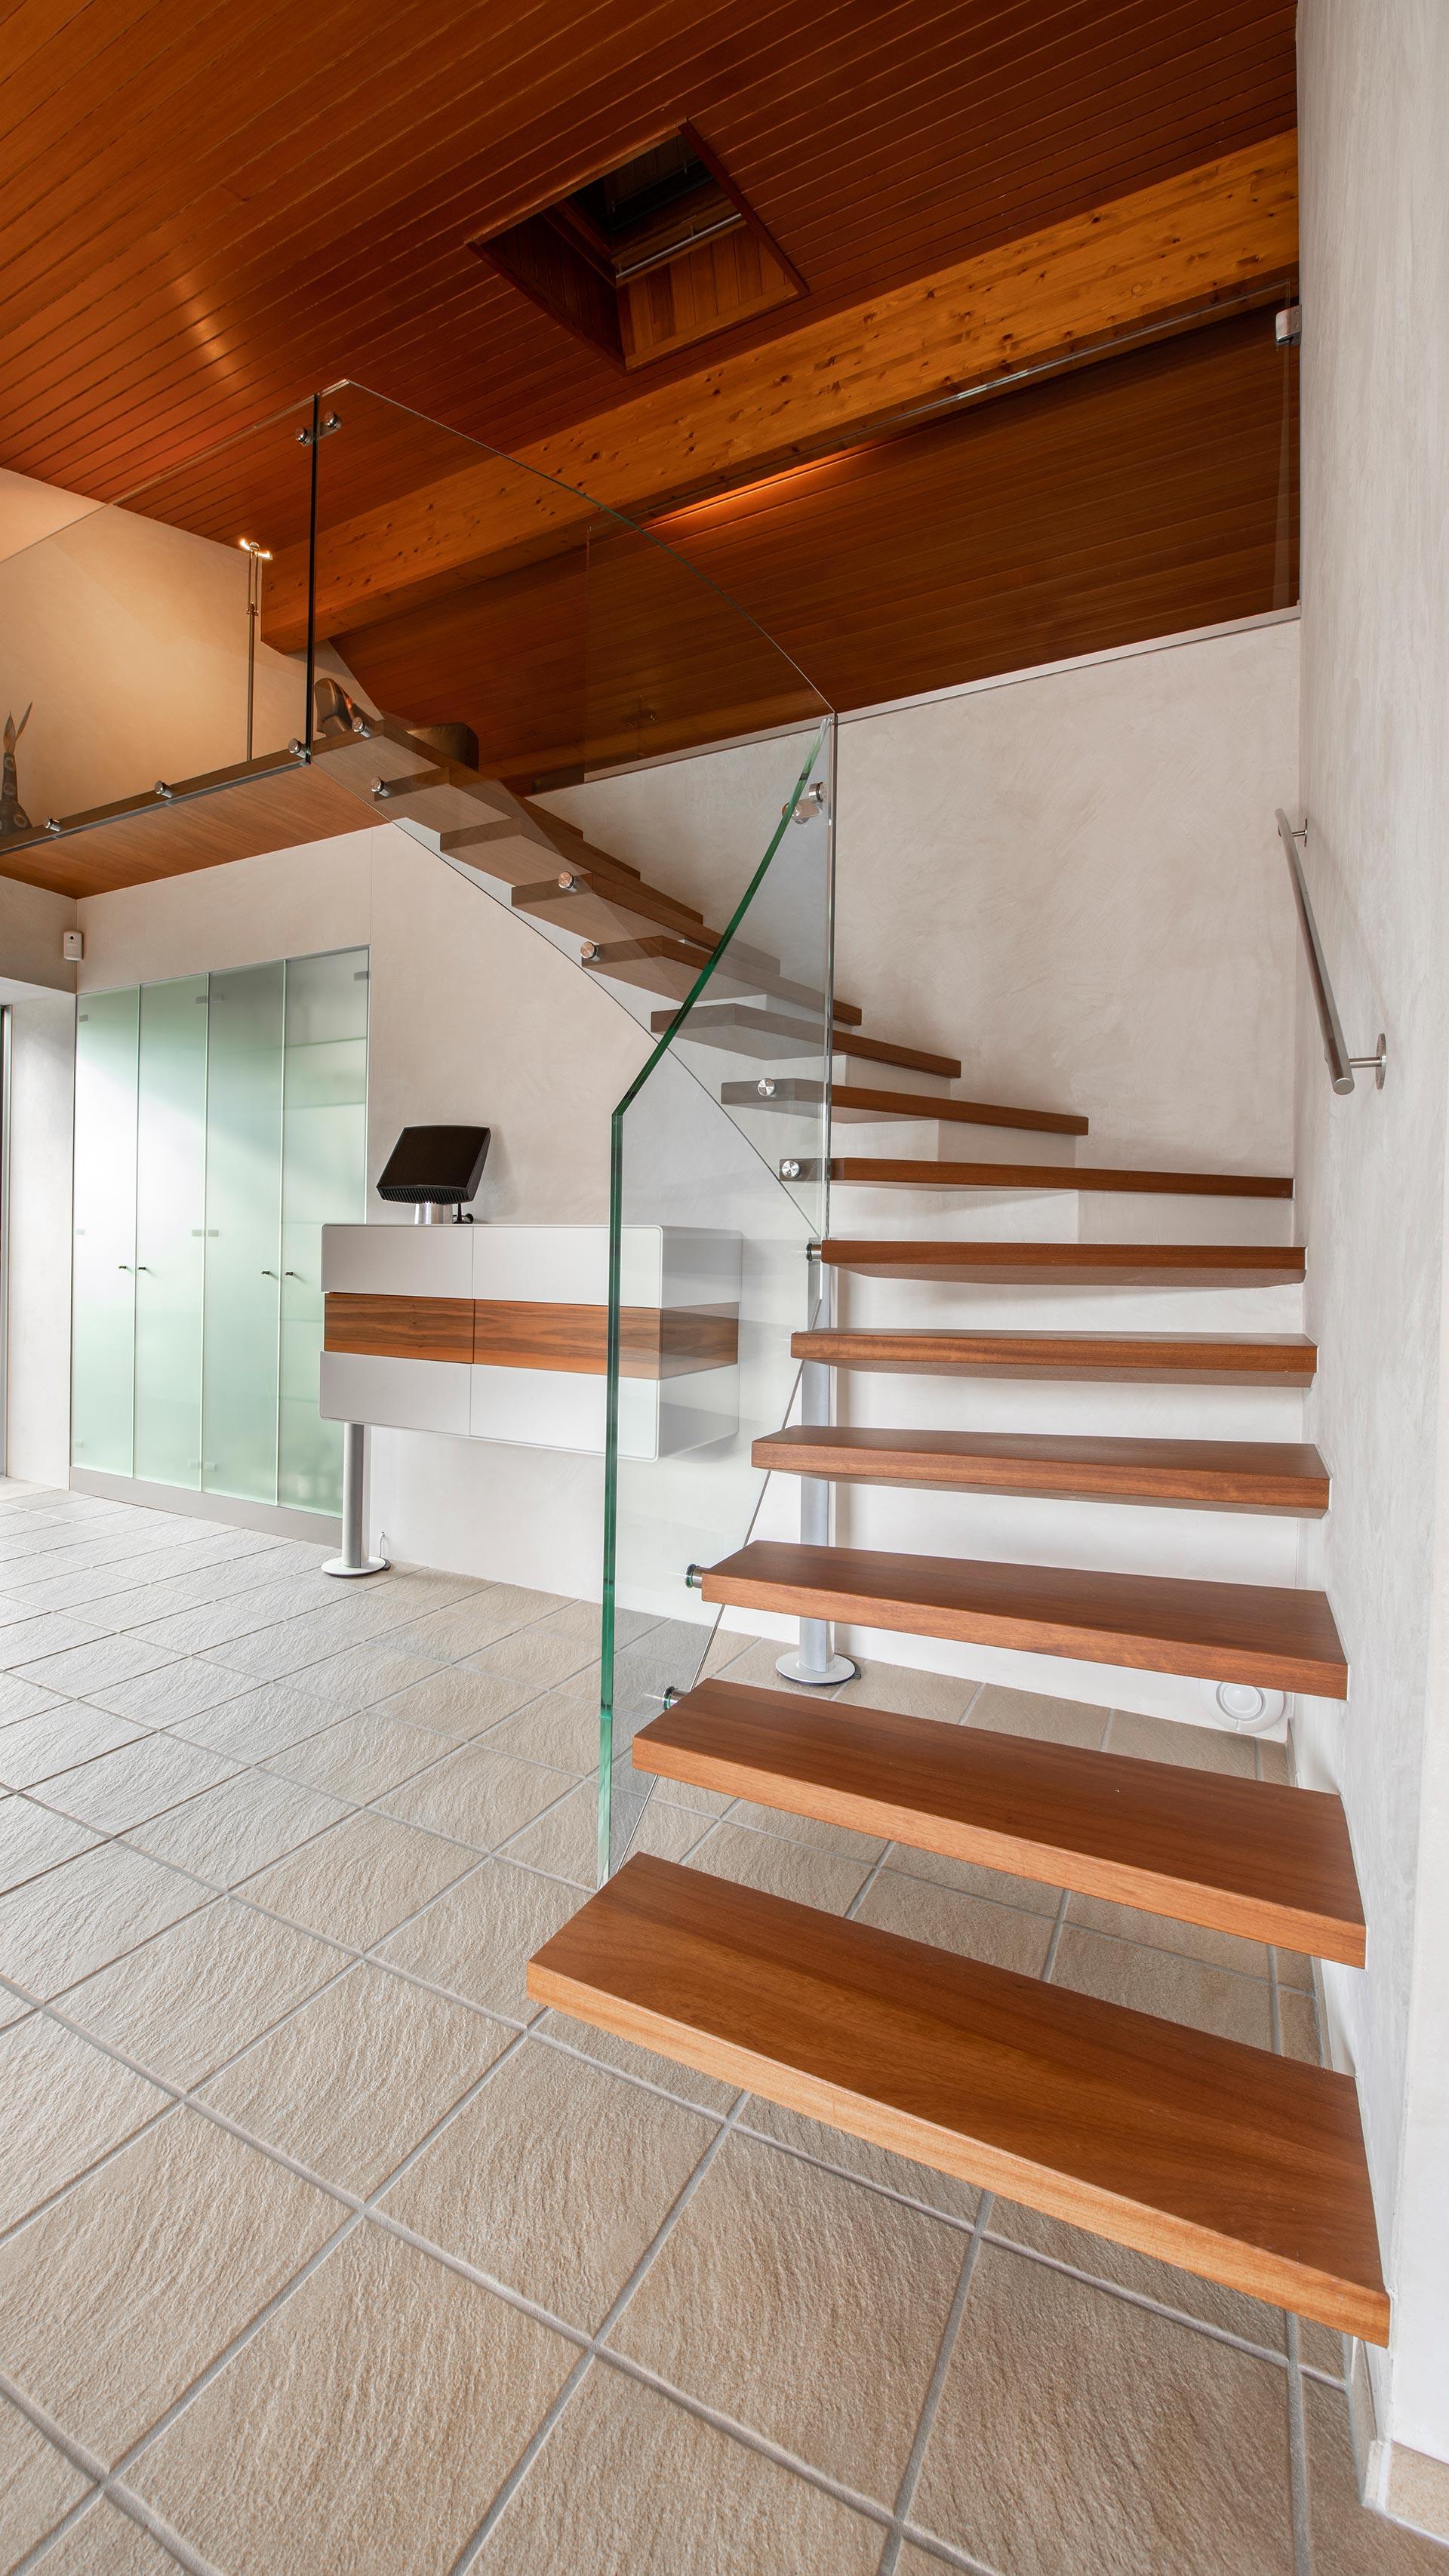 escalierDoussier01 - Escalier